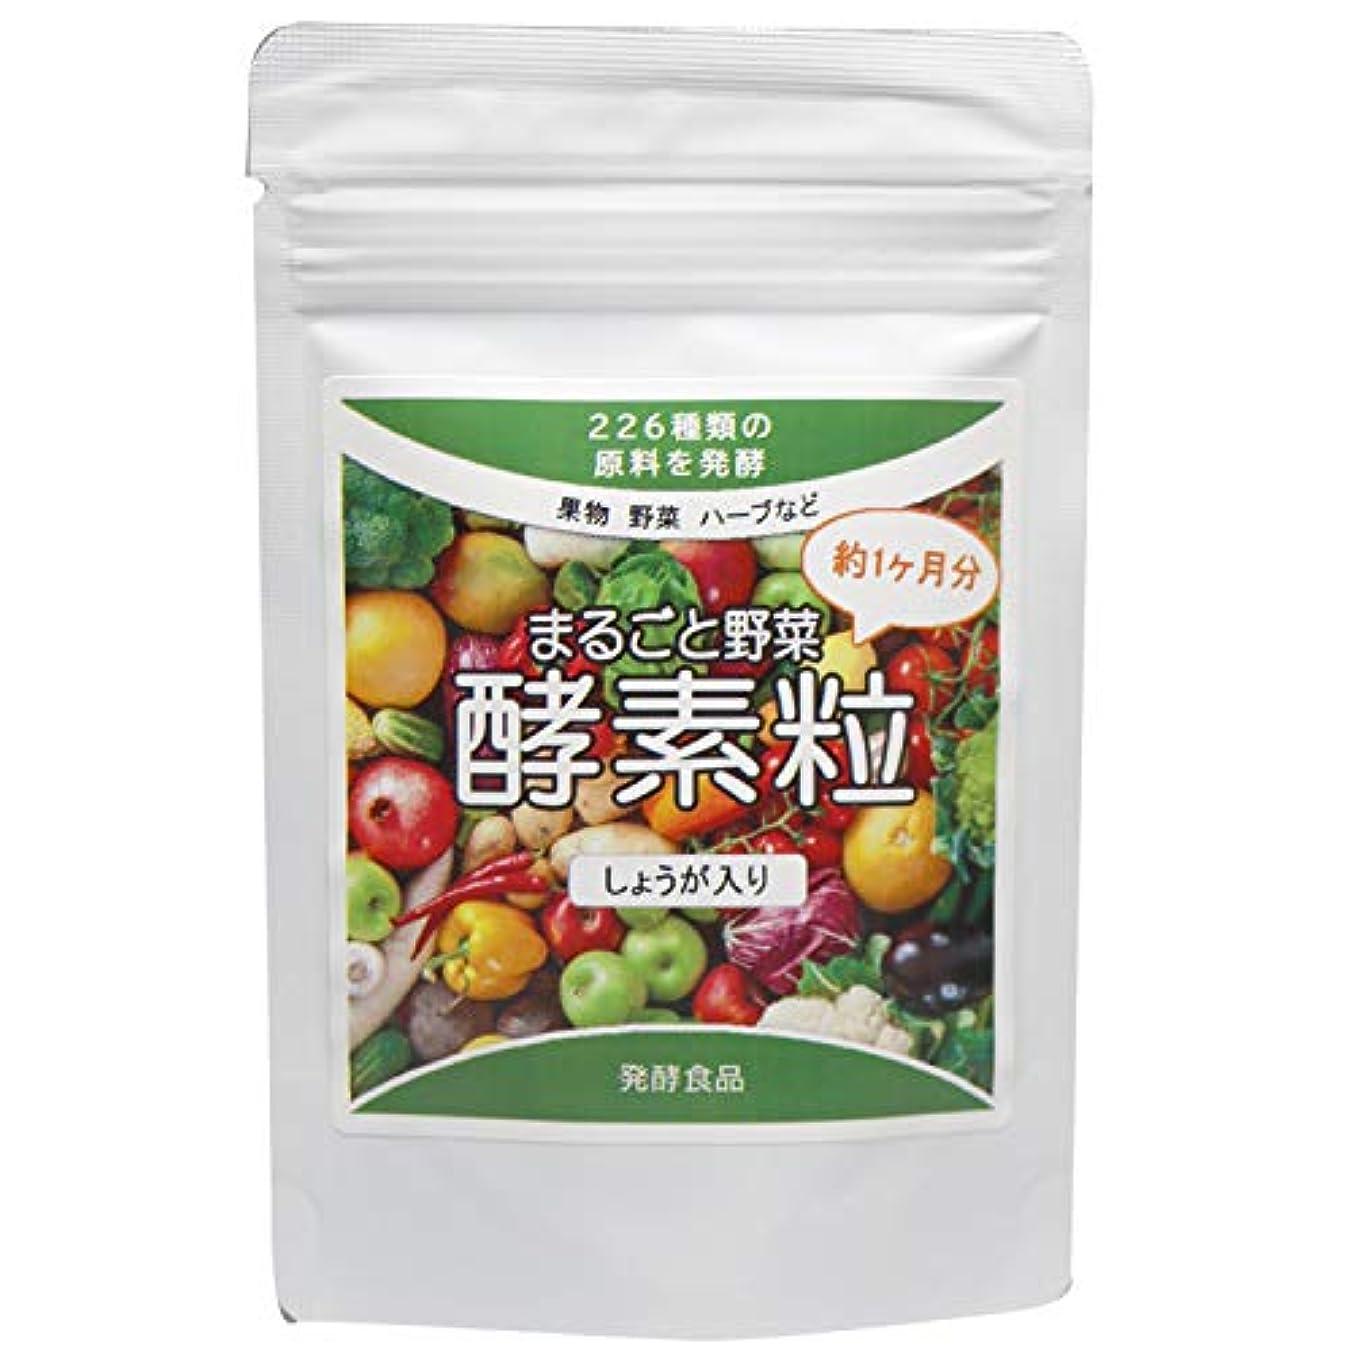 魅力束ポーズまるごと野菜酵素粒 226種類の野菜発酵(しょうが入り) 約4ヶ月分 (440mg×120粒)